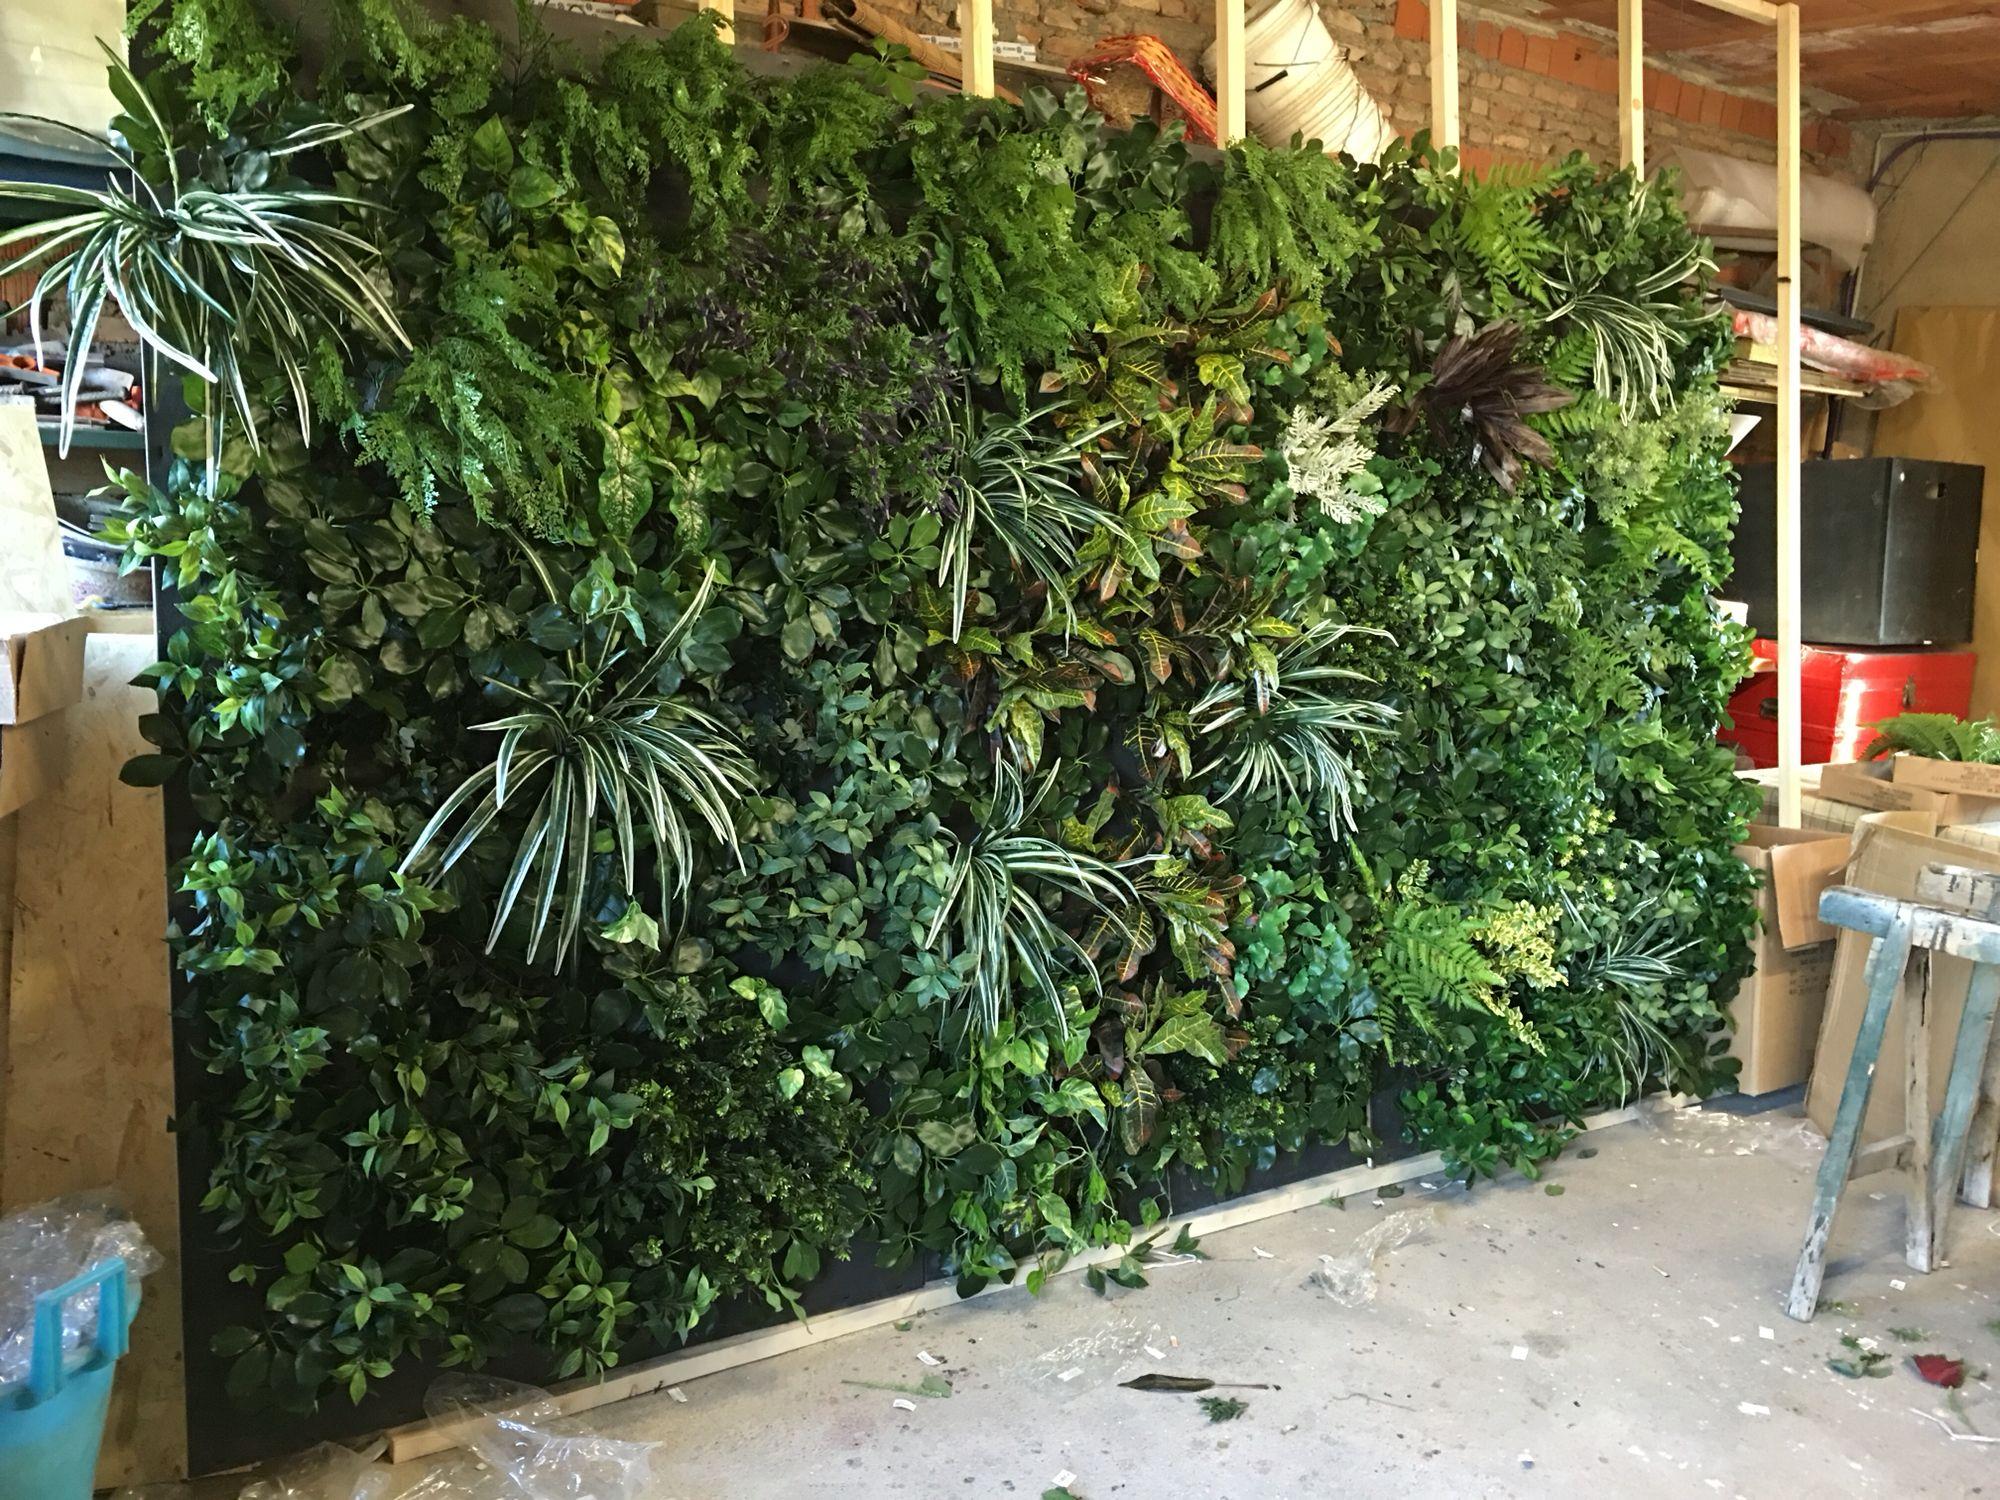 Giardino verticale quadri e pareti di giardino verticale for Giardino verticale